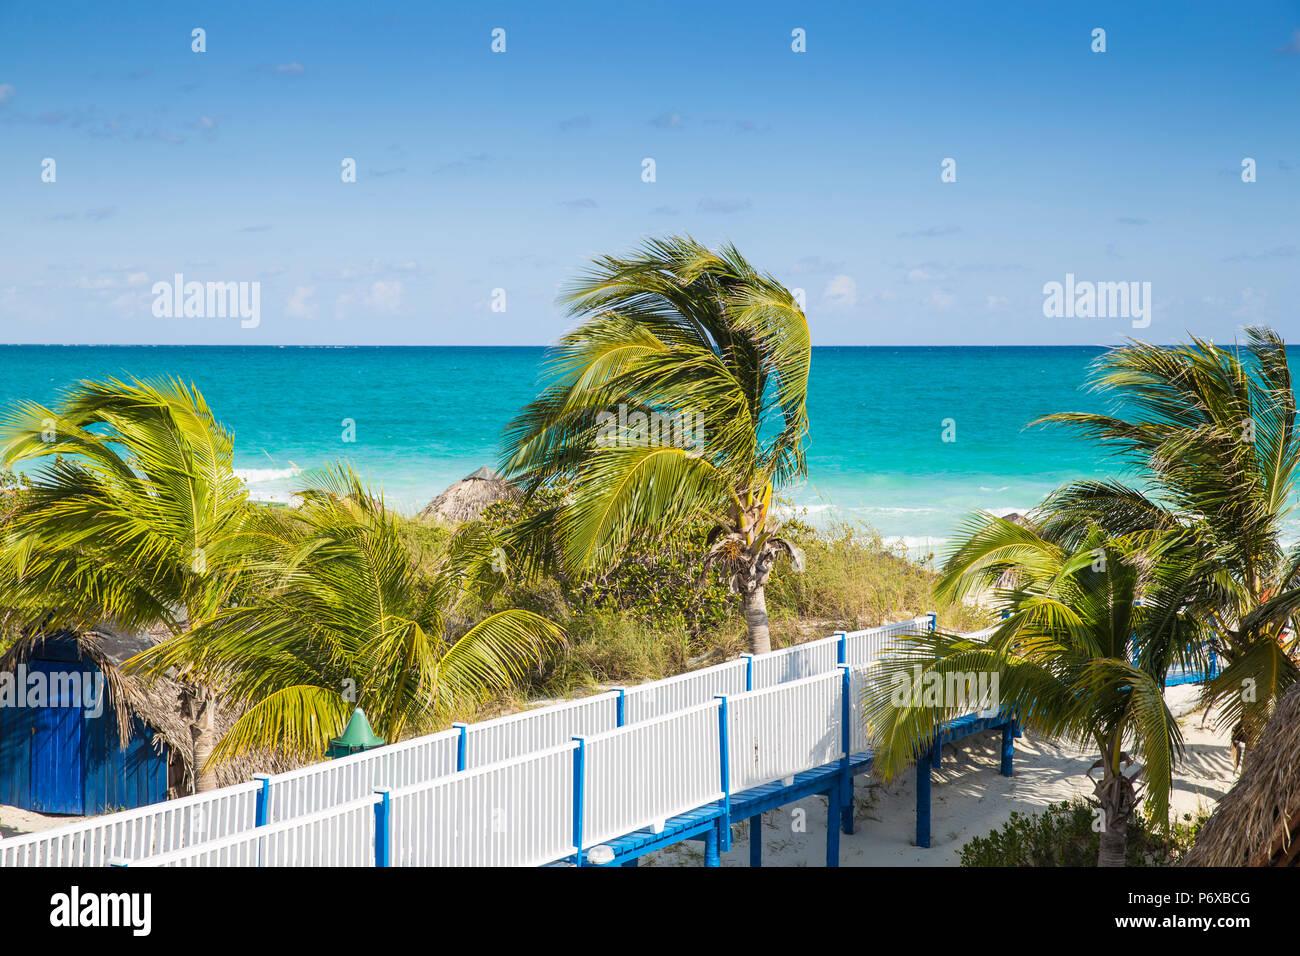 Cuba, Jardines del Rey, Cayo Guillermo, Playa Pilar - Stock Image